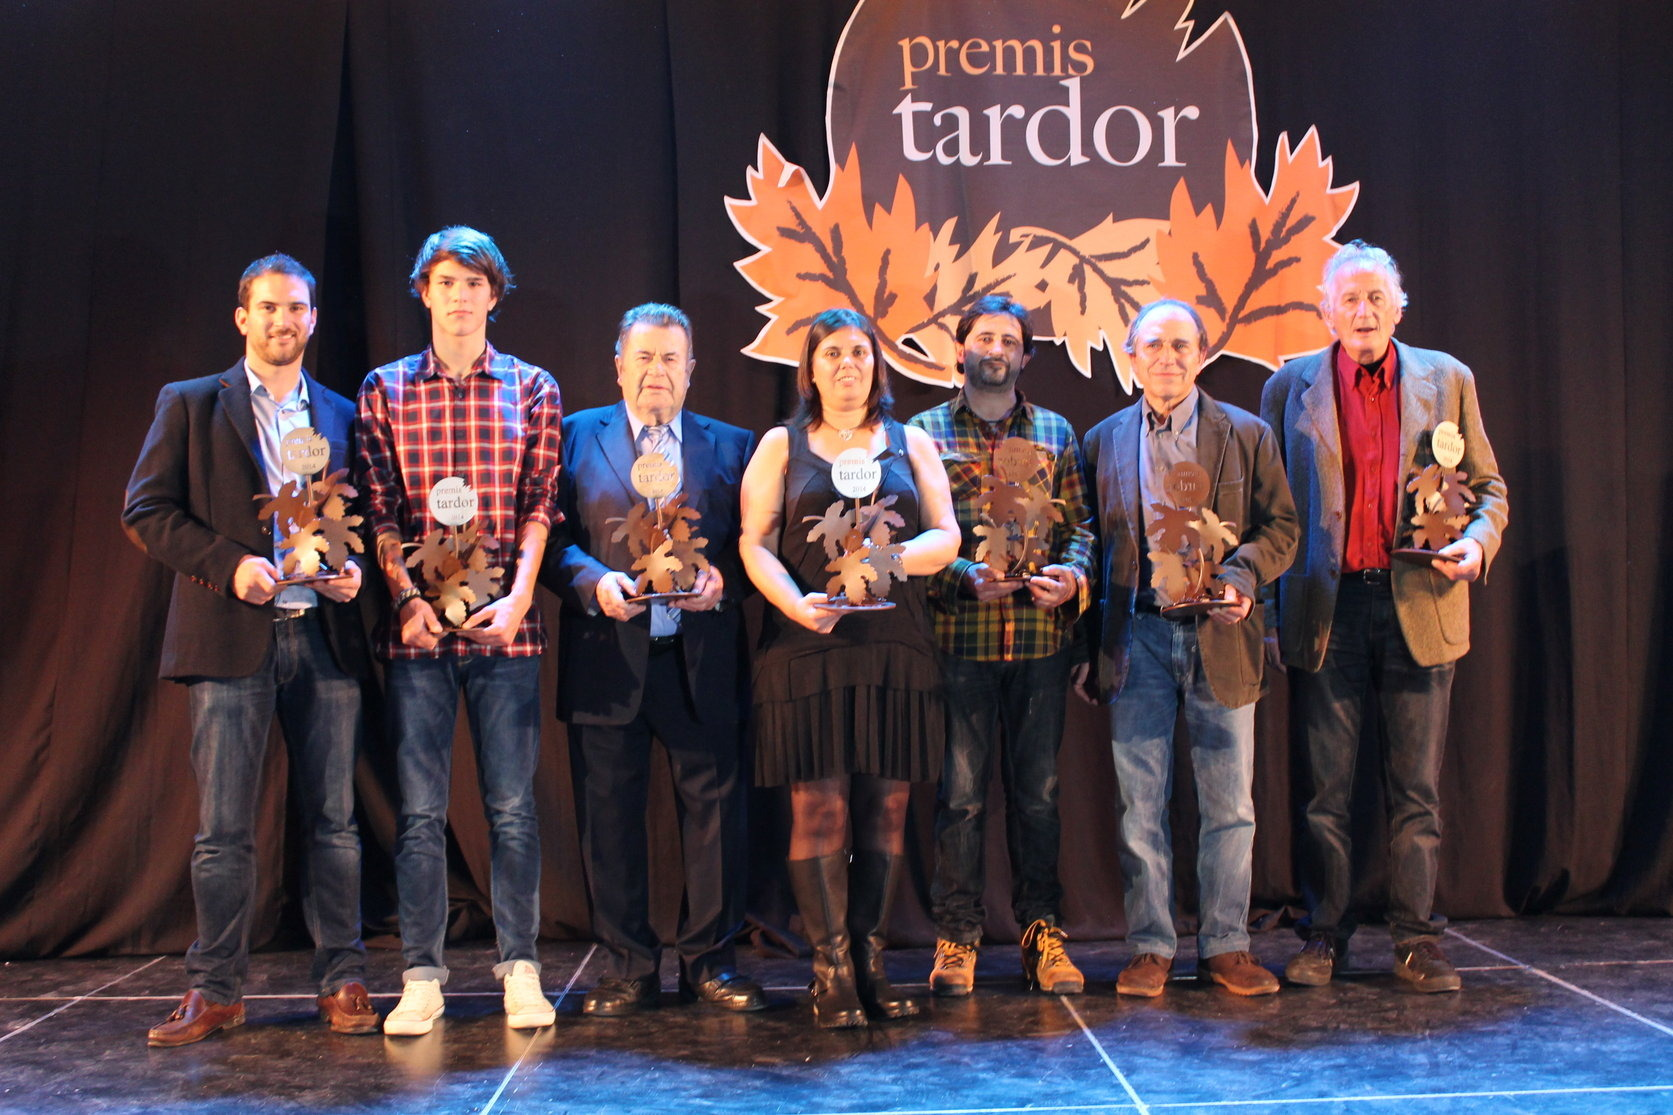 Els premiats d'una edició anterior